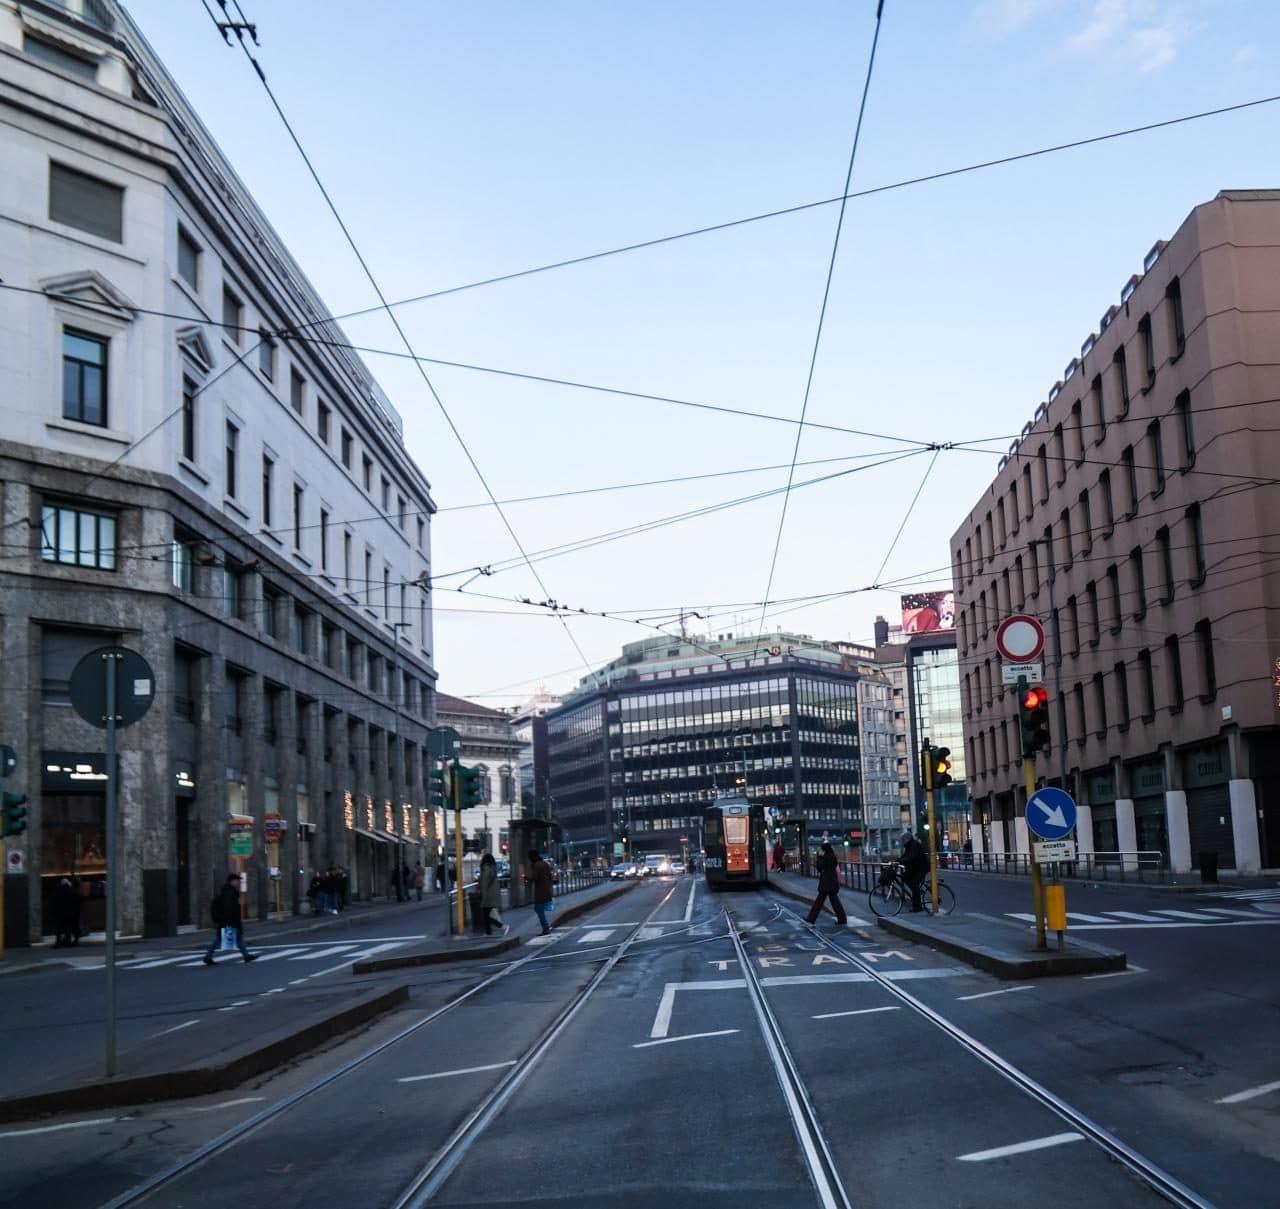 이탈리아 자동차 여행, 트램에서 내려ㅓ 담아 본 밀라노 사내 풍경 여기는 어디일까, Image by Happist-8724